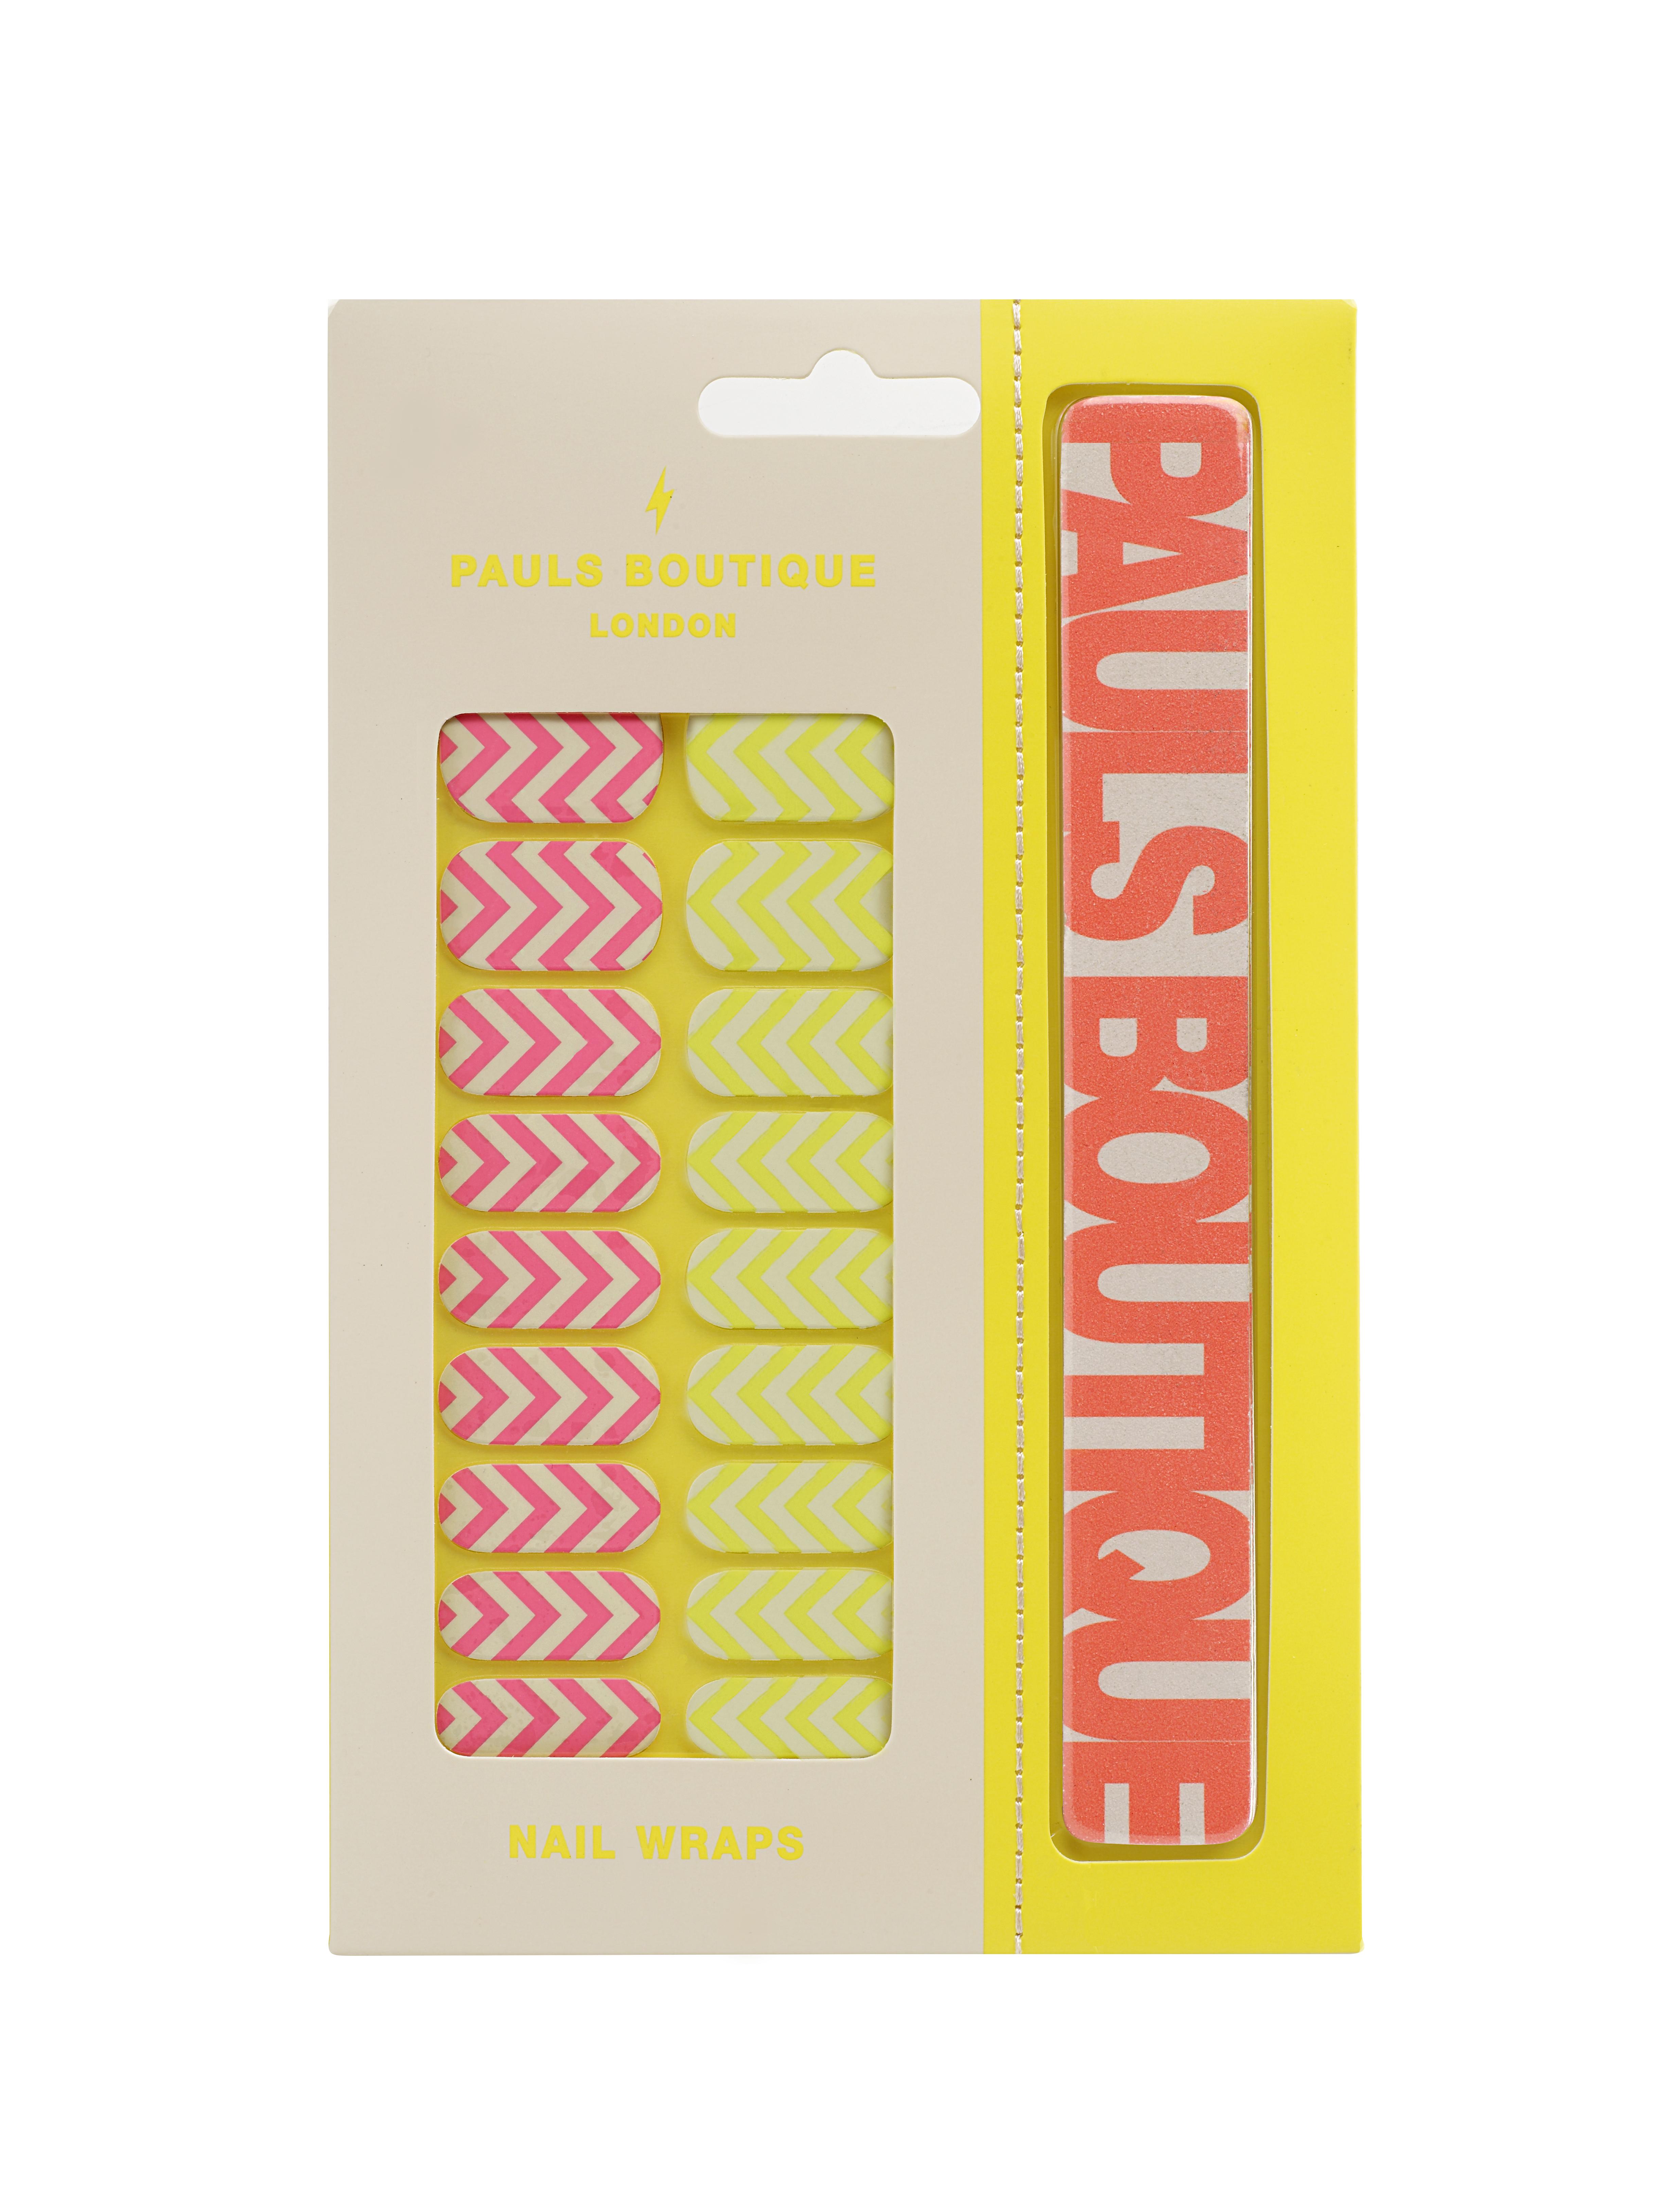 Paul's Boutique Nail Wraps